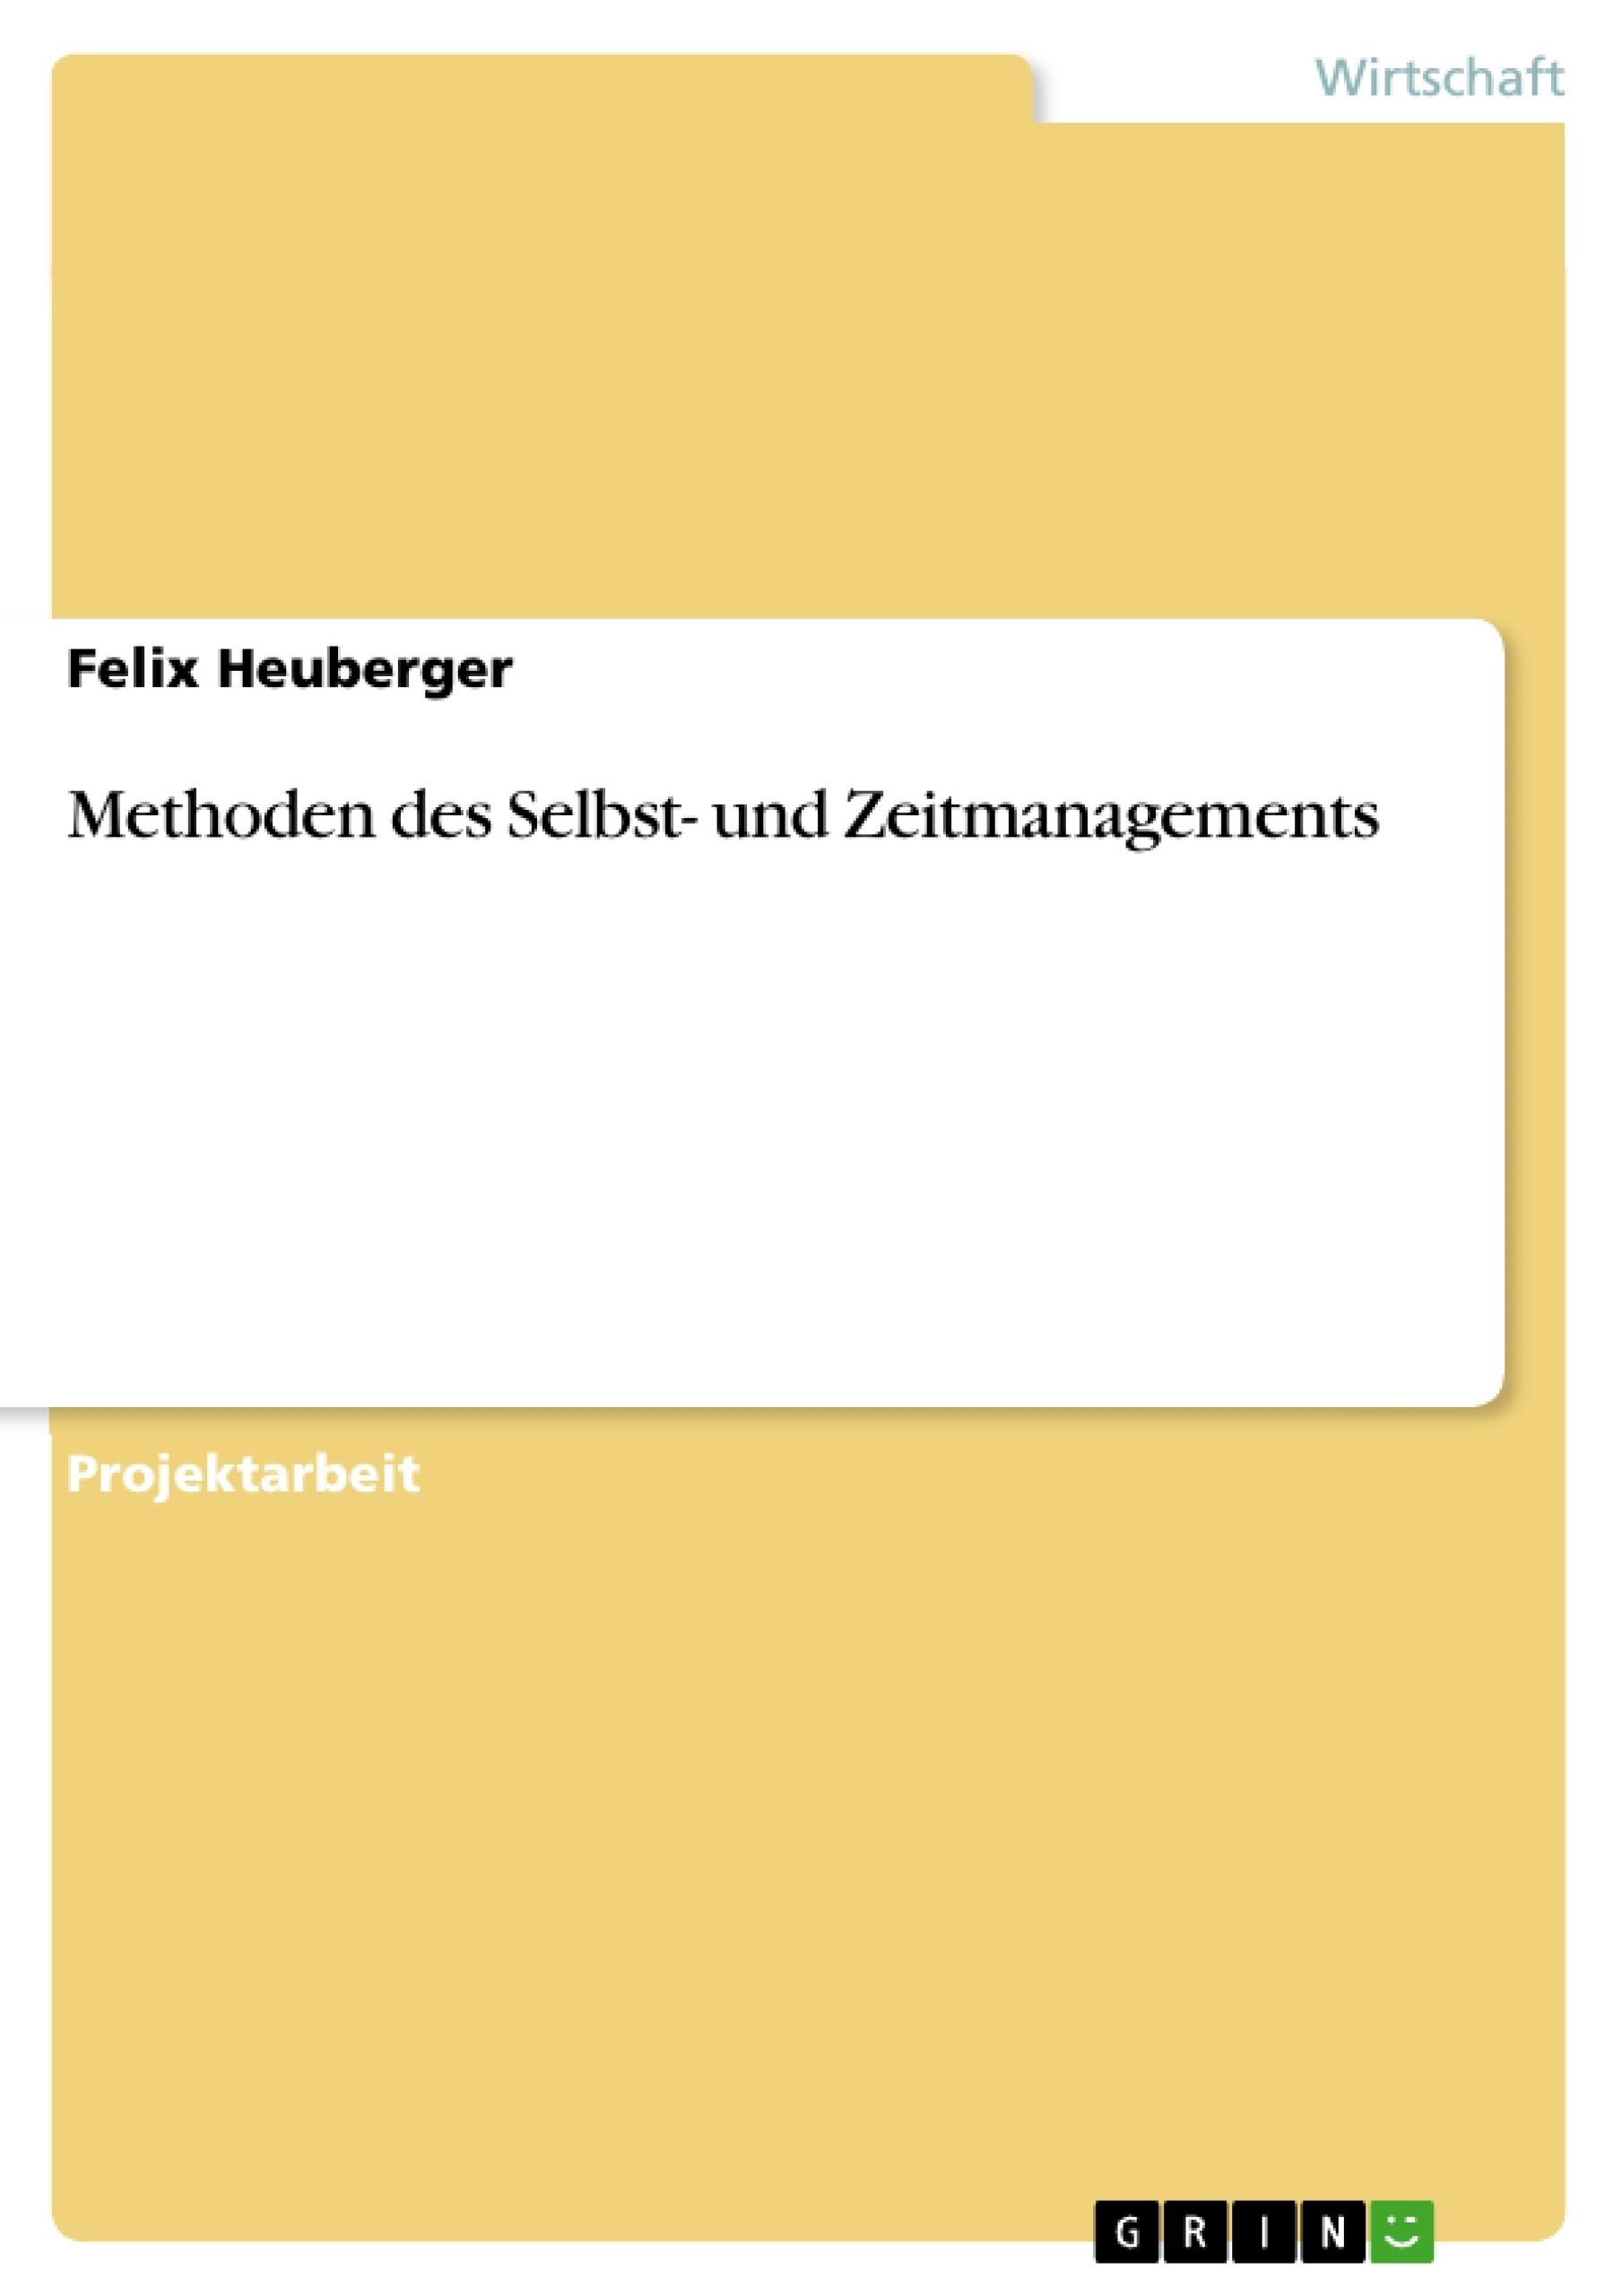 Titel: Methoden des Selbst- und Zeitmanagements